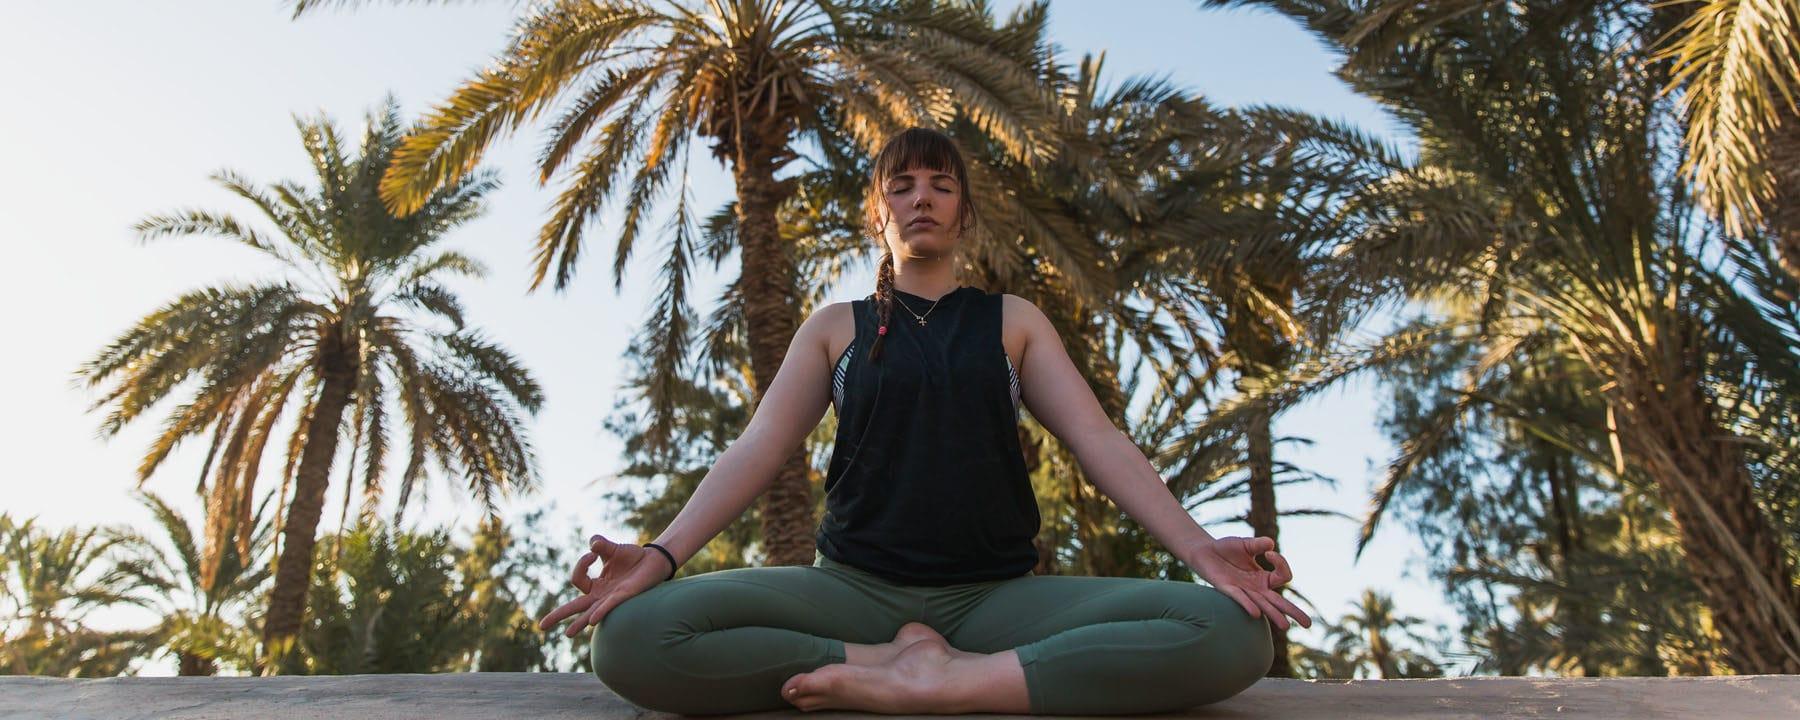 Urban Marrakech Yoga Retreat May 2021 Nosade